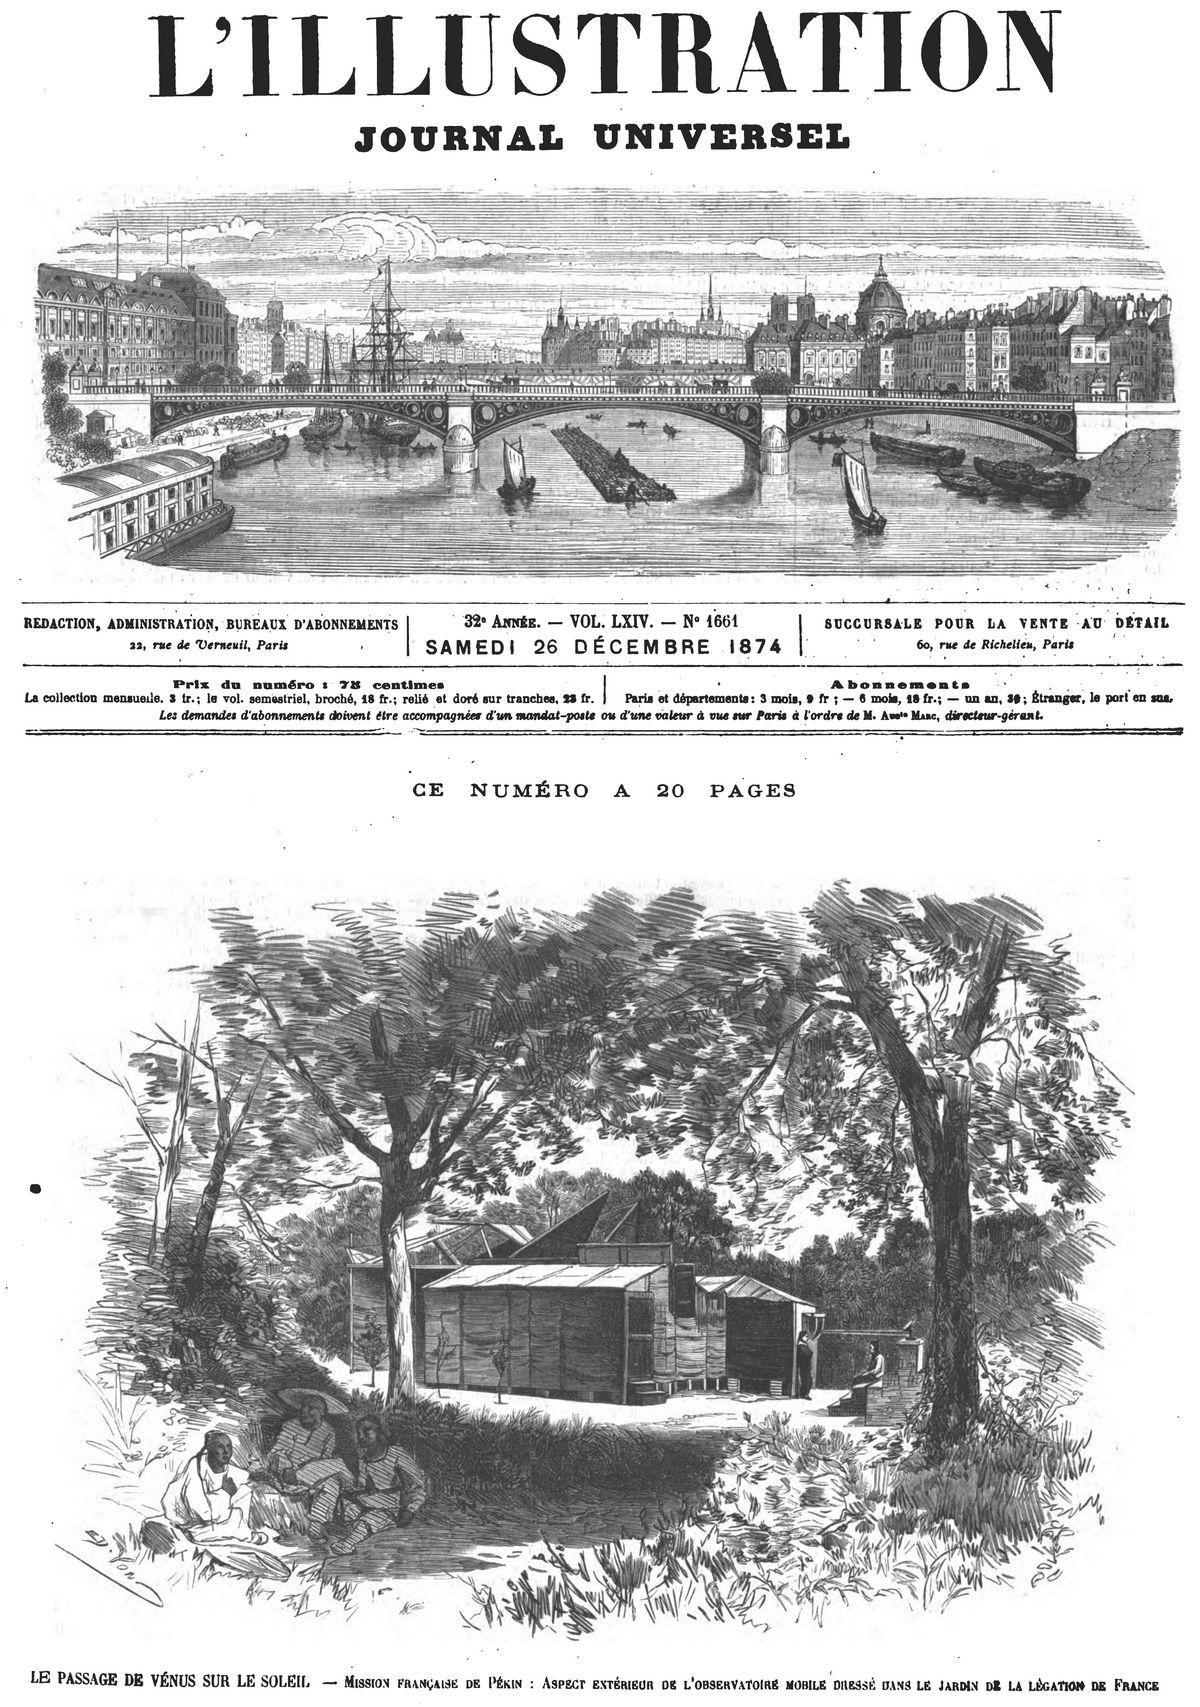 Le passage de Vénus sur le Soleil : mission française de Pékin ; aspect extérieur de l'observatoire mobile. (Gravure 1874)